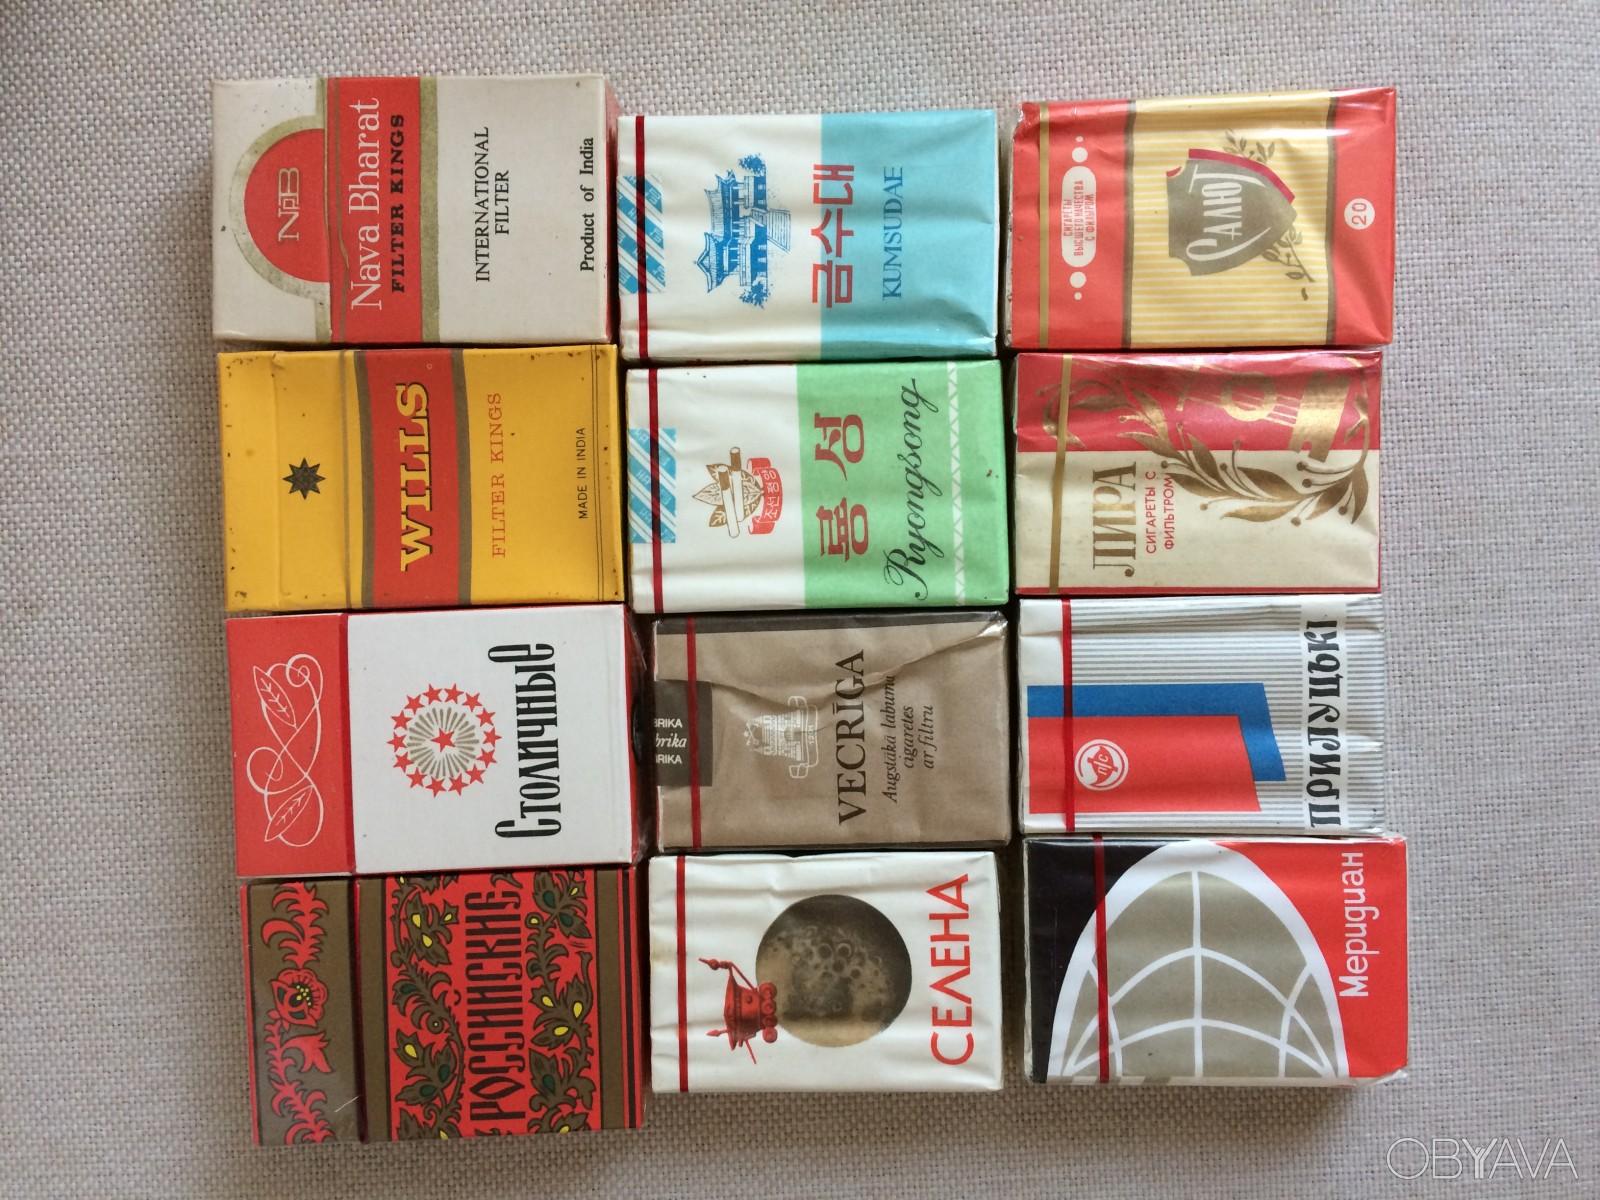 Коллекция сигарет 80 90 годы купить купить дьябло россо сигареты